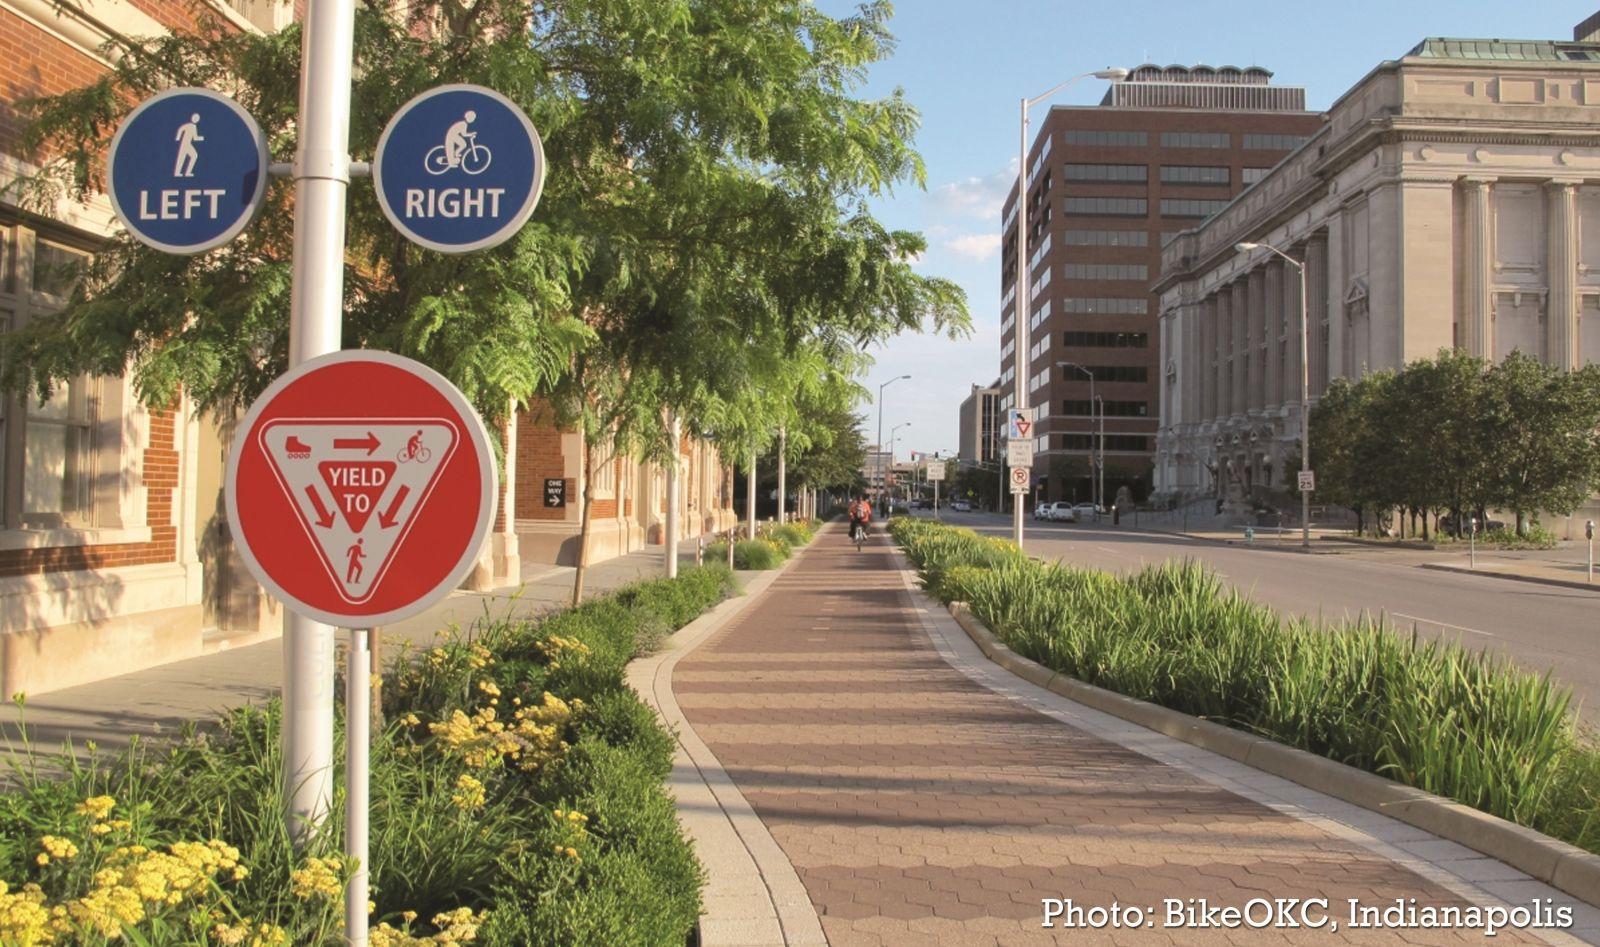 bikeways_poster2_3rd_picture.jpg